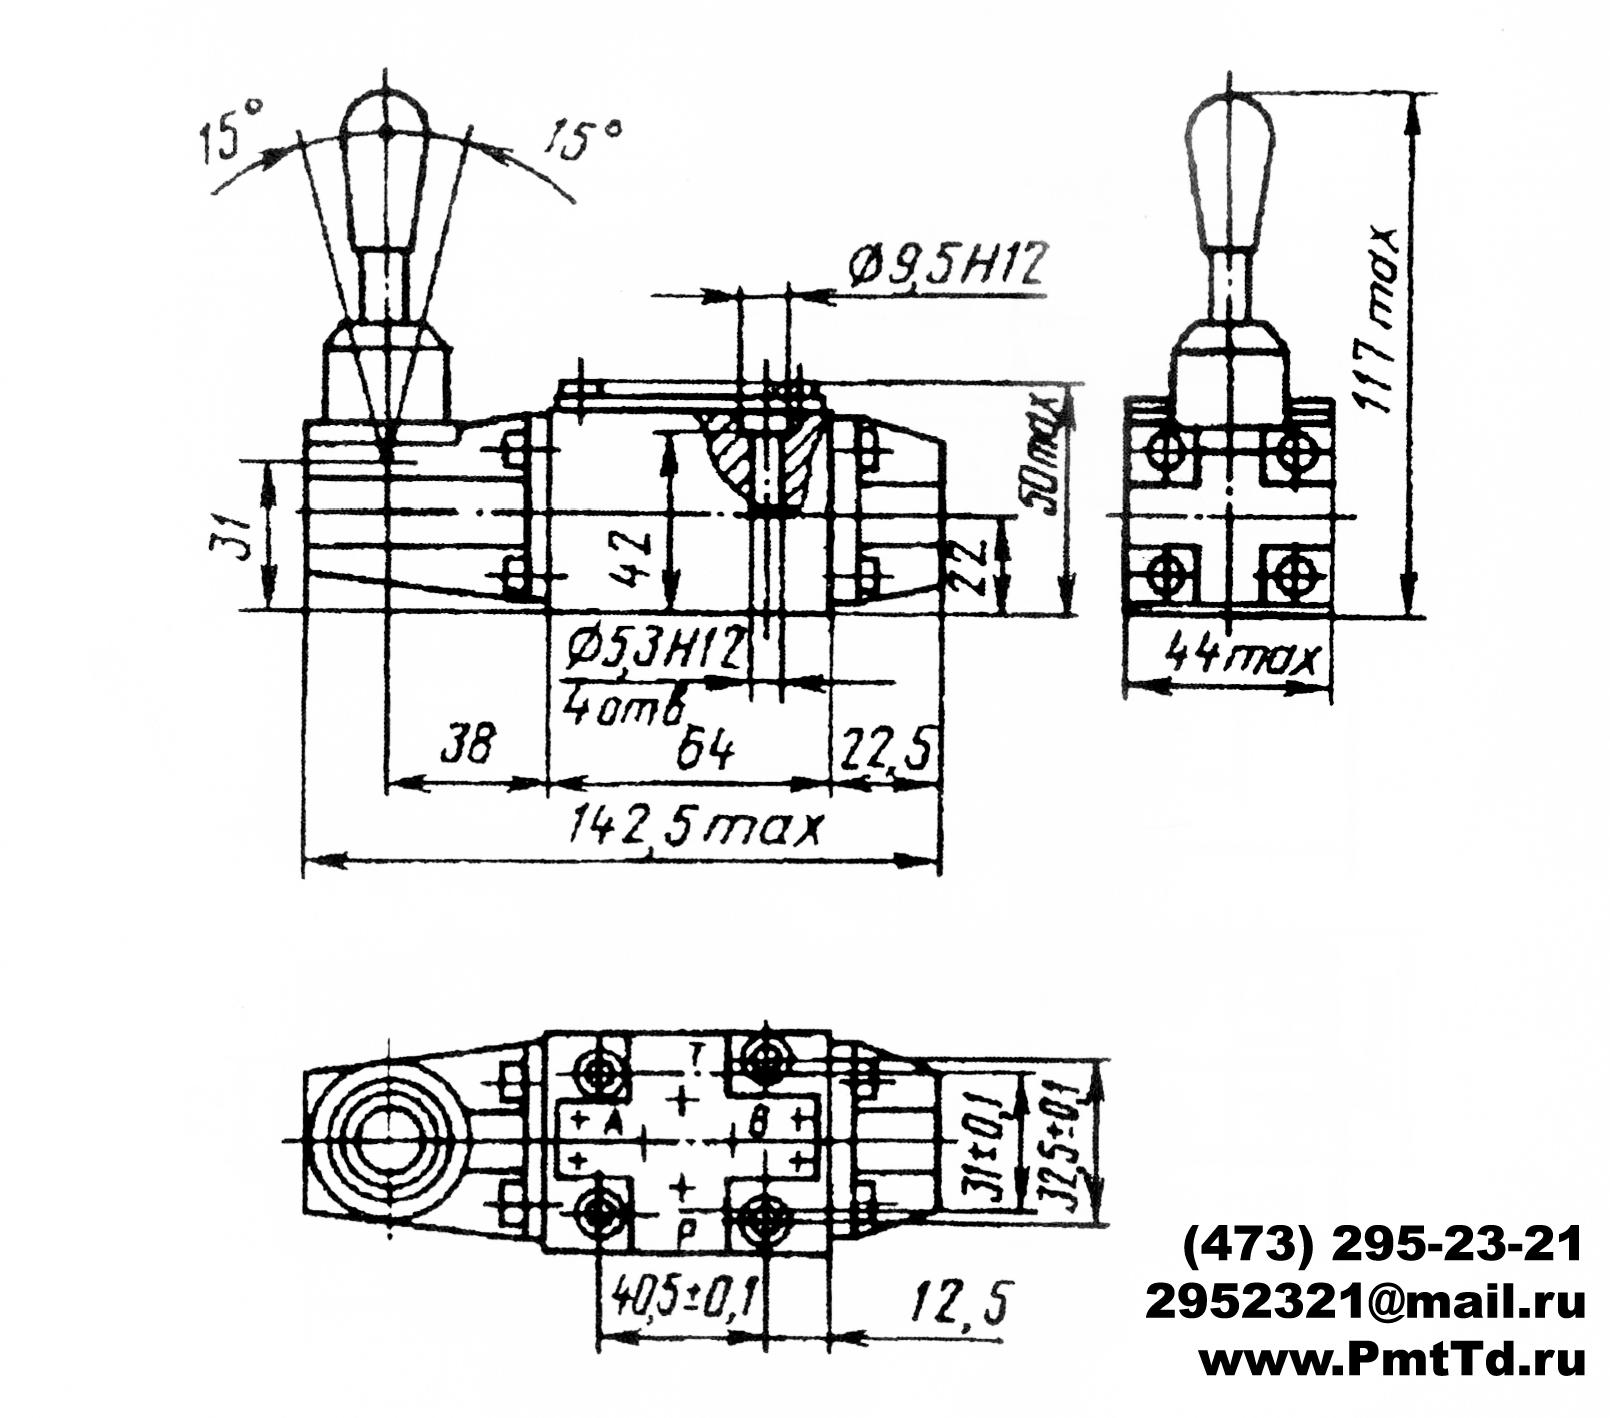 Габаритные и присоединительные размеры гидрораспределителя с ручным управлением 1РММ6 ду6